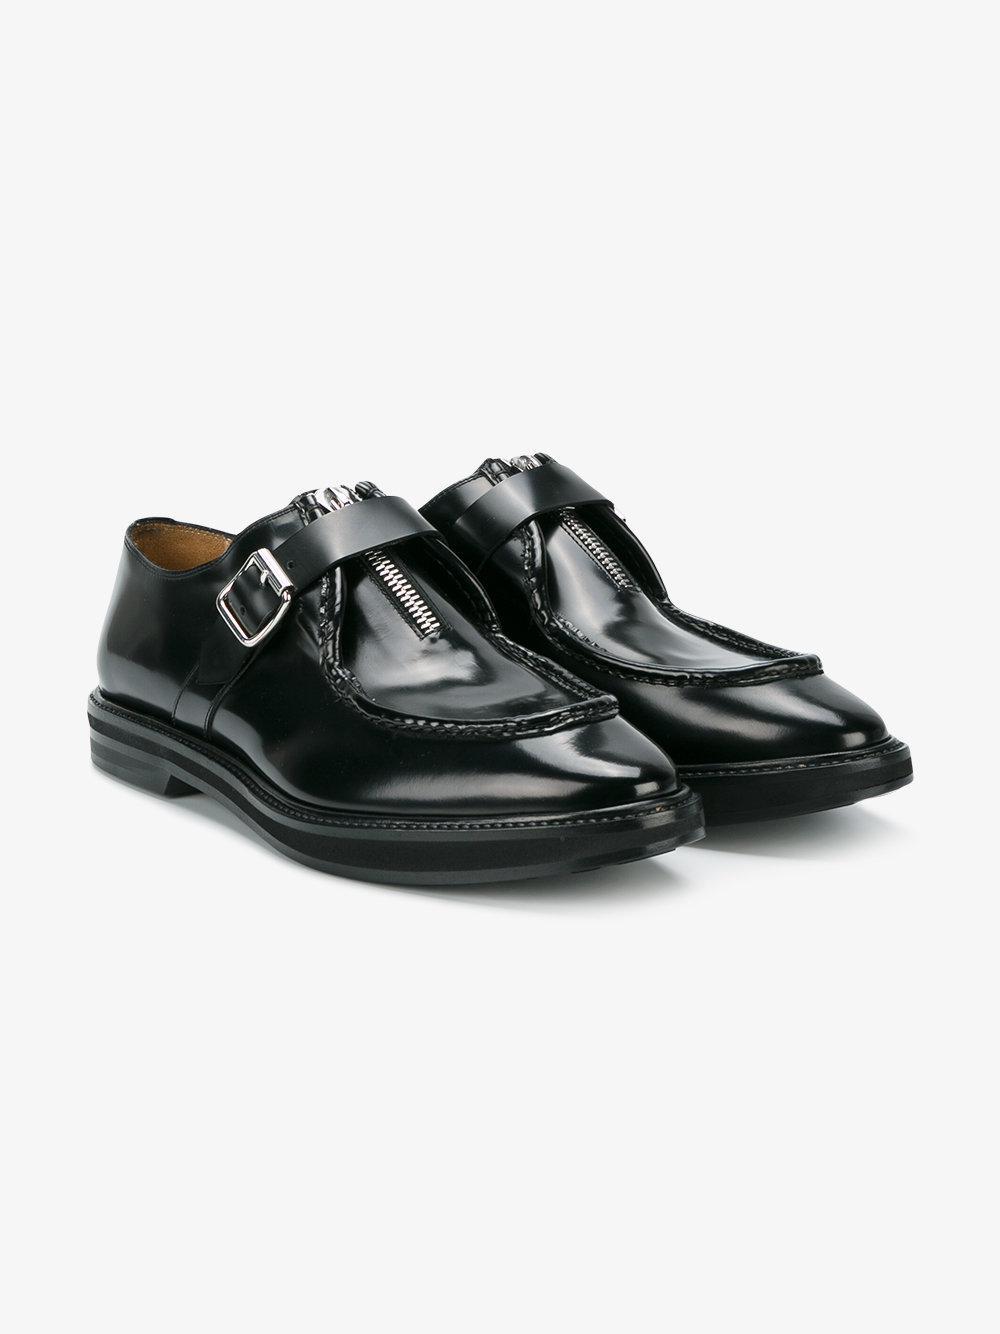 Beige Joggers Black Shoes Men